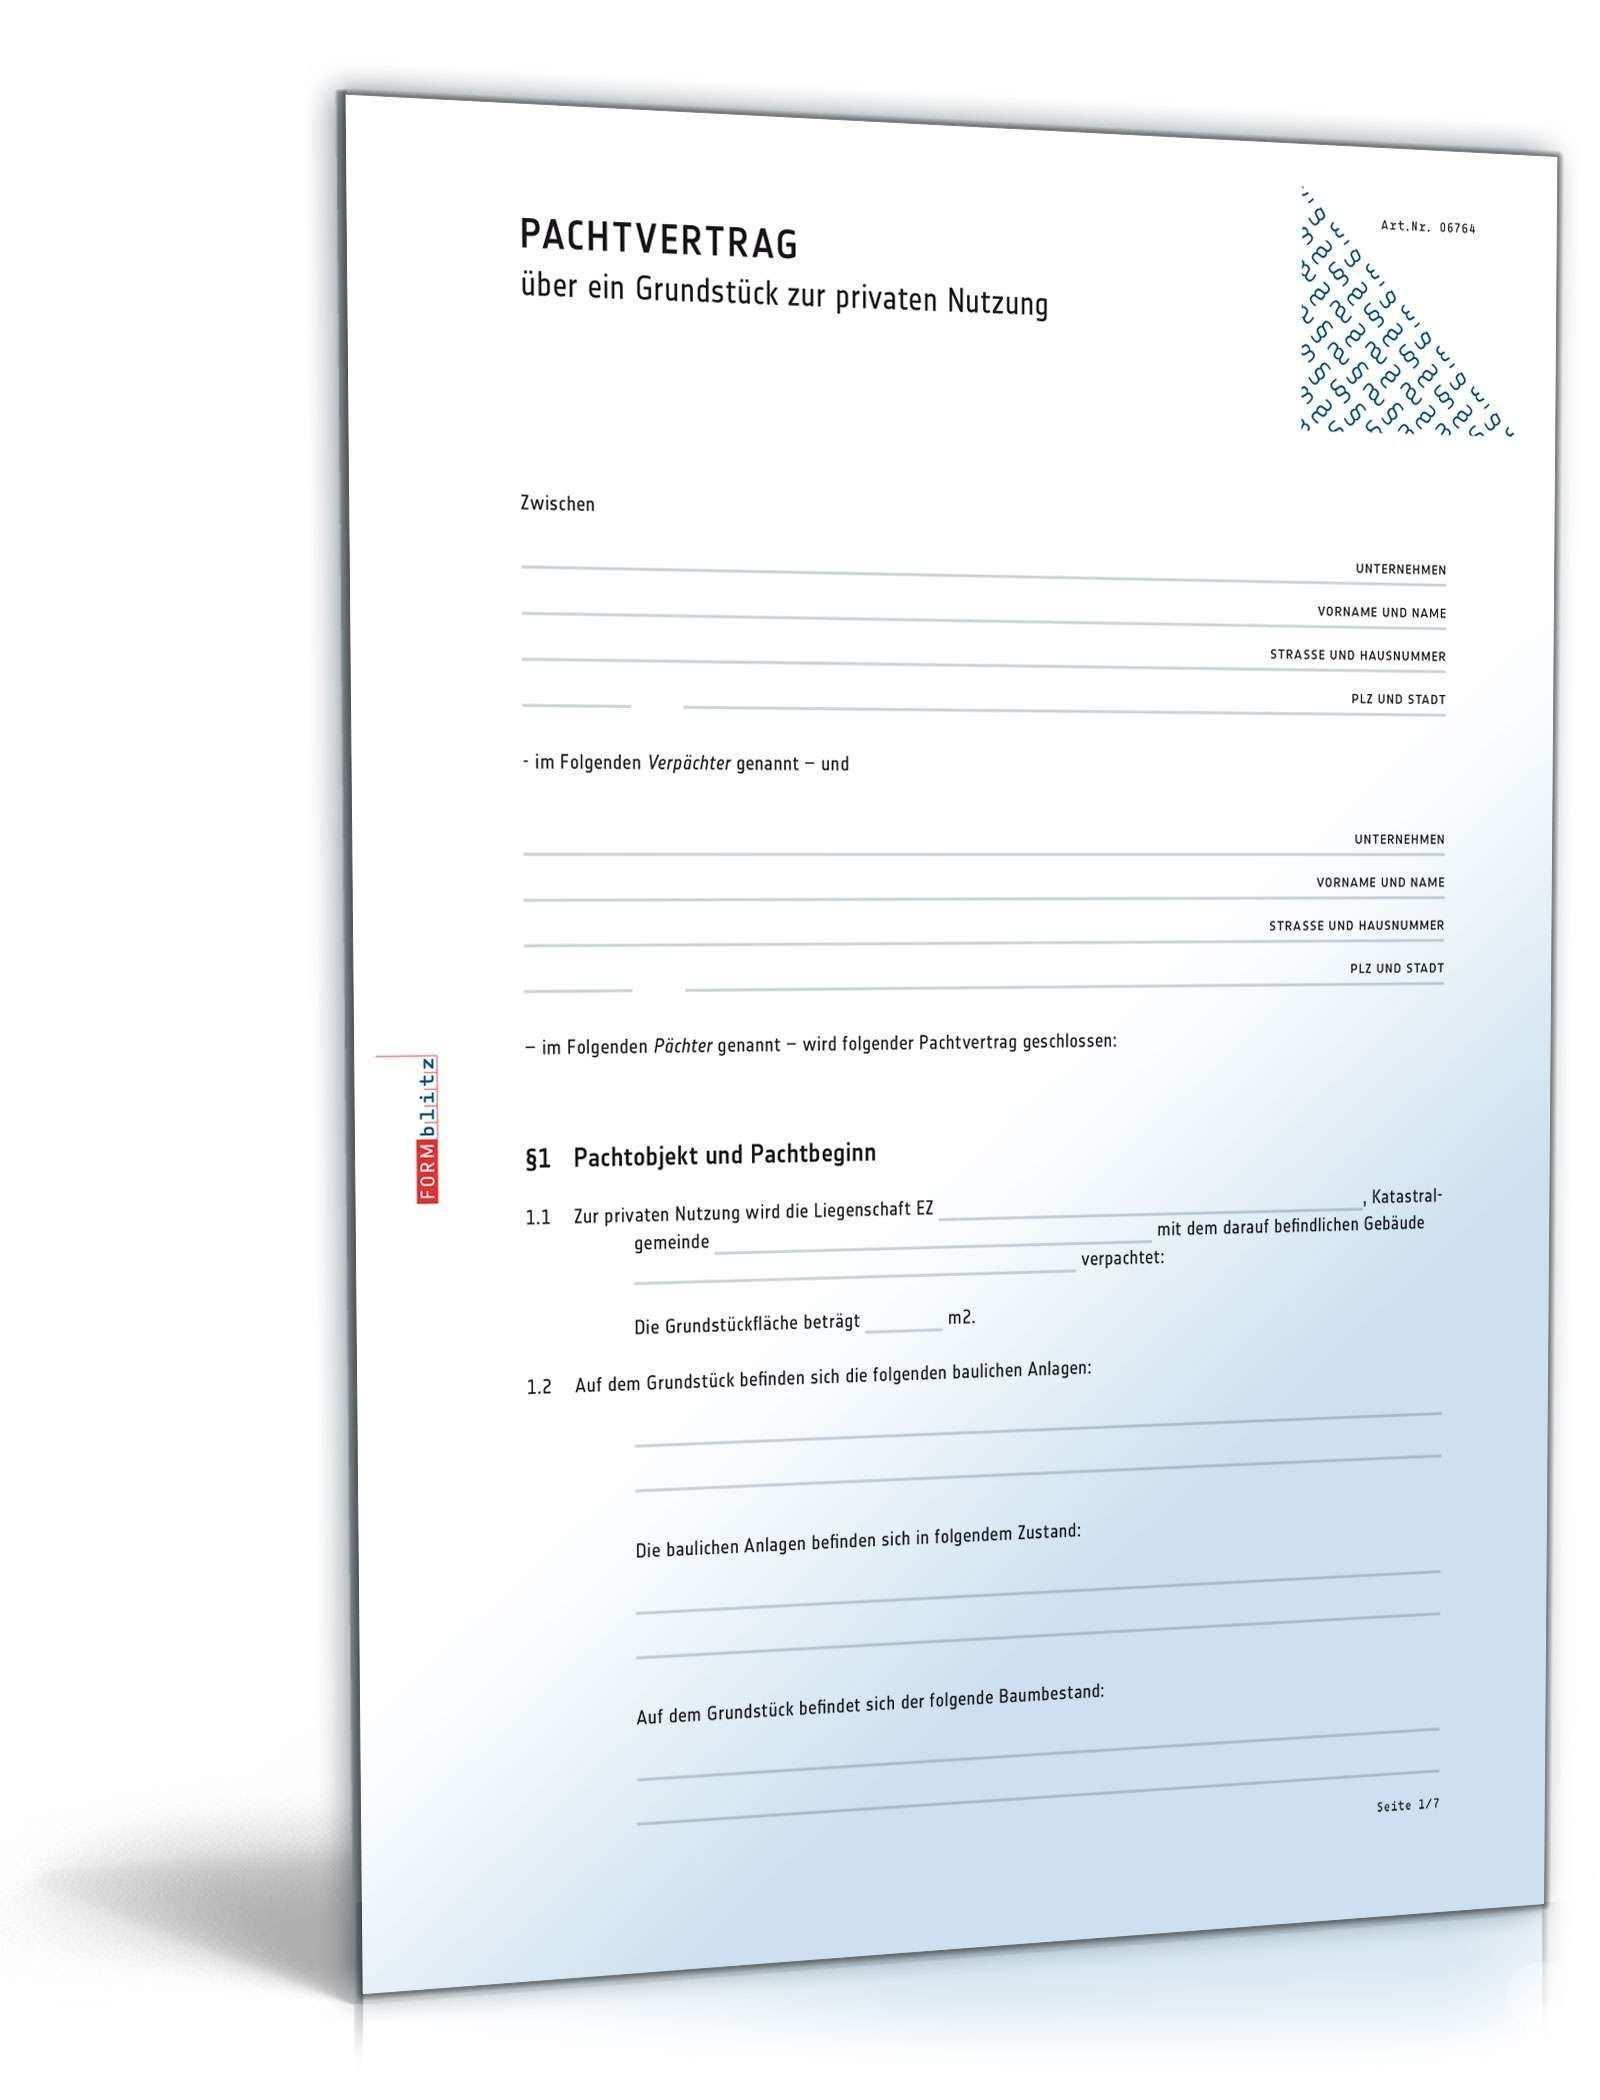 Pachtvertrag Garten Kostenlos Download Wir Haben Es Jemals Gesehen Von Pachtvertrag Grundstuck Privatnutzung Vorlagen Word Excel Vorlage Rechnung Vorlage